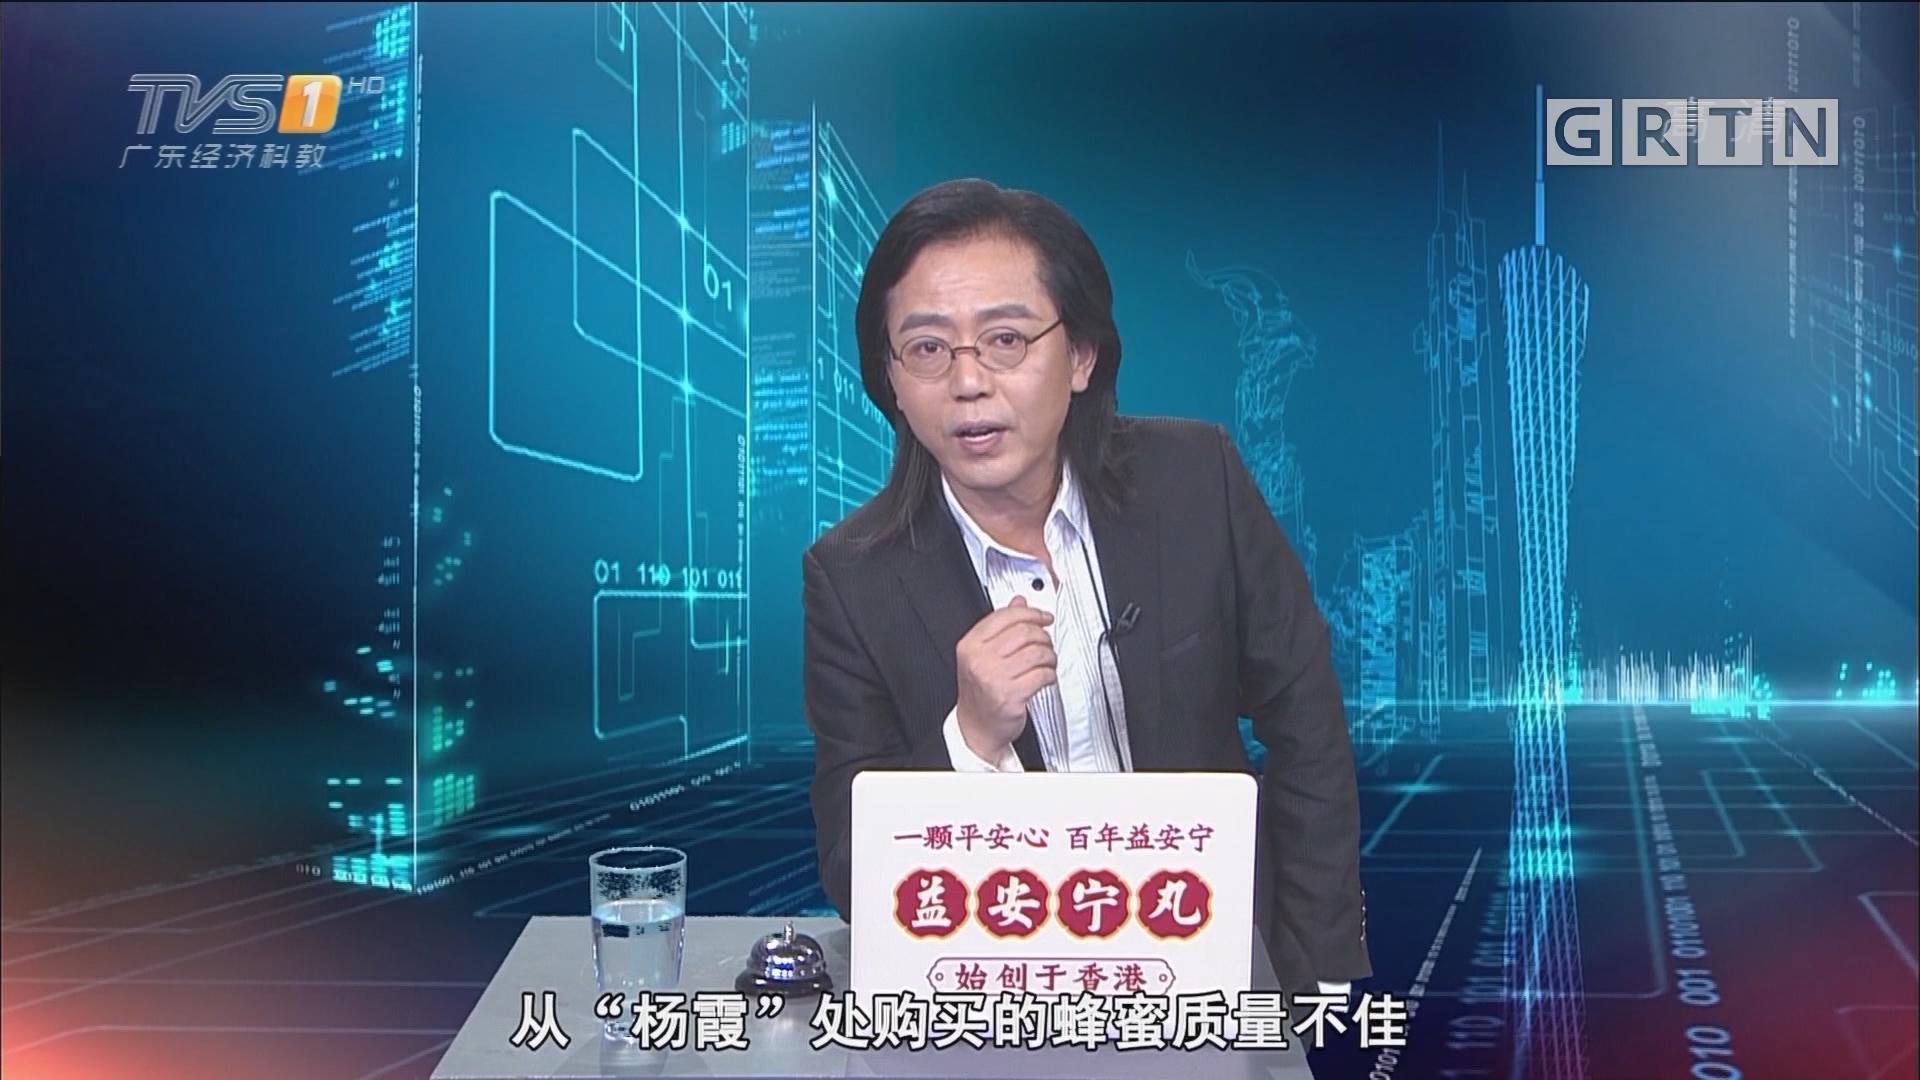 """[HD][2018-11-30]马后炮:那个卖蜂蜜的""""杨霞""""究竟是谁? 必须查明白"""